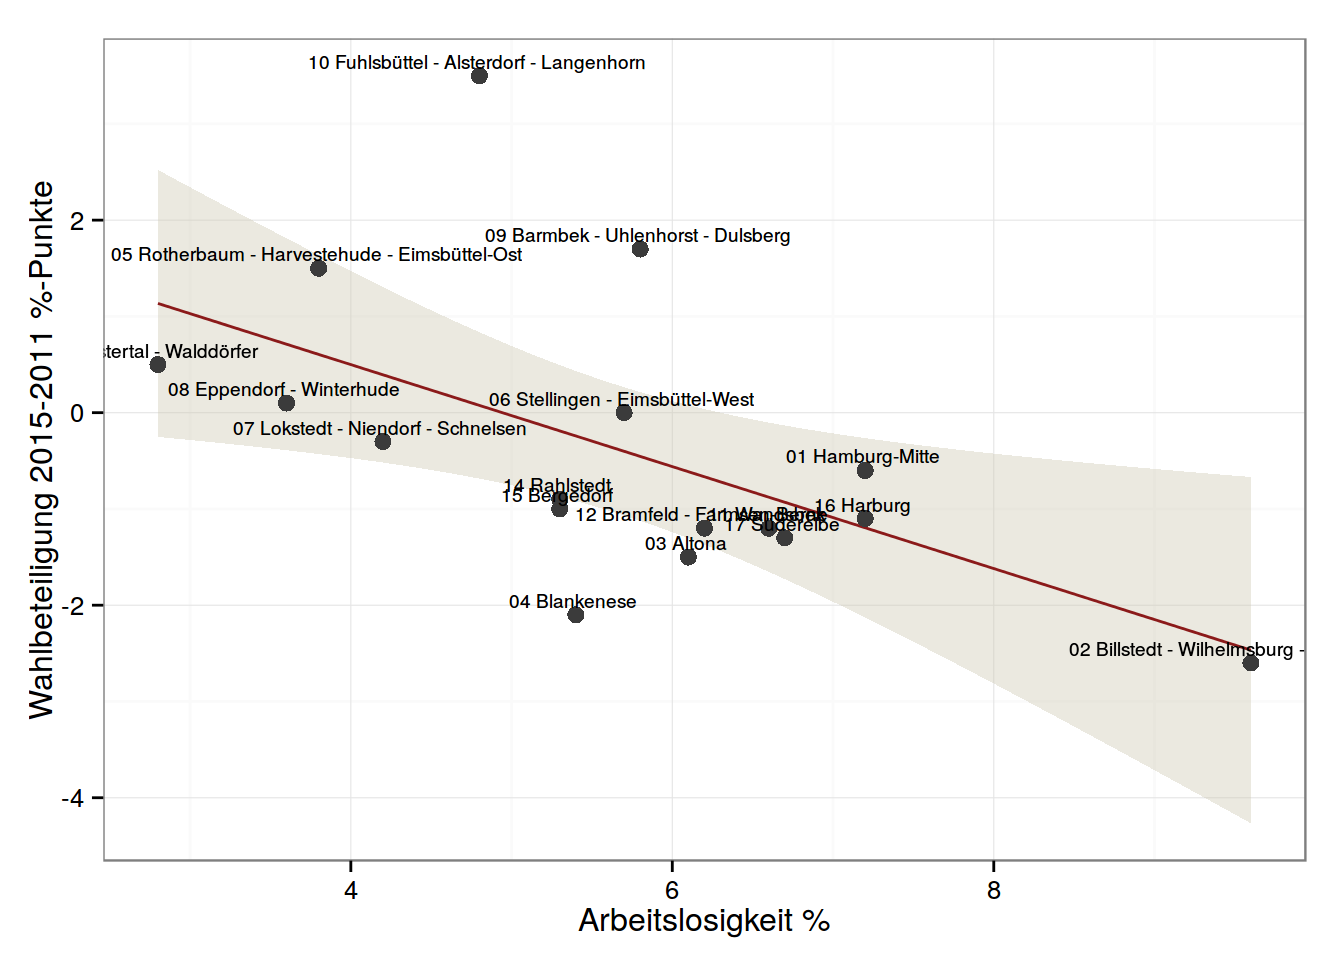 Veränderung der Wahlbeteiligung 2011 zu 2015 in %-Punkten (auf der Y-Achse) und Arbeitslosigkeit (auf der X-Achse)